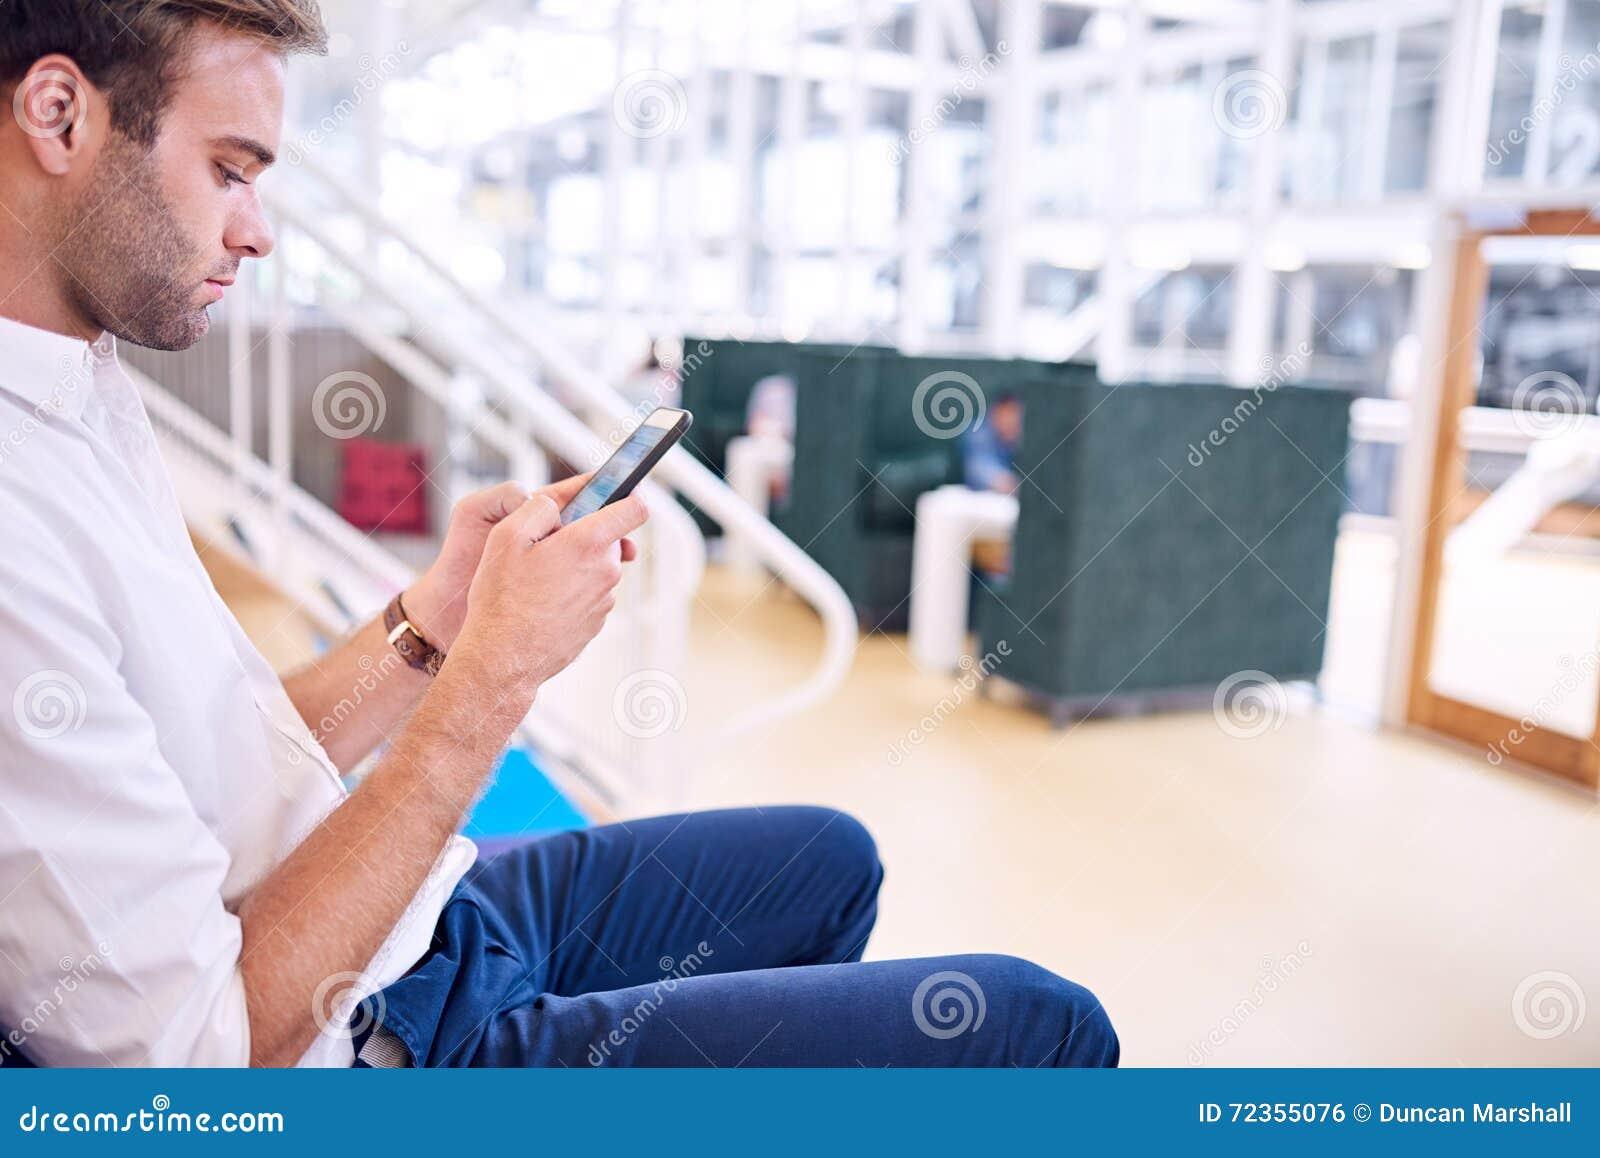 成人人繁忙发短信在他的现代轻量级智能手机